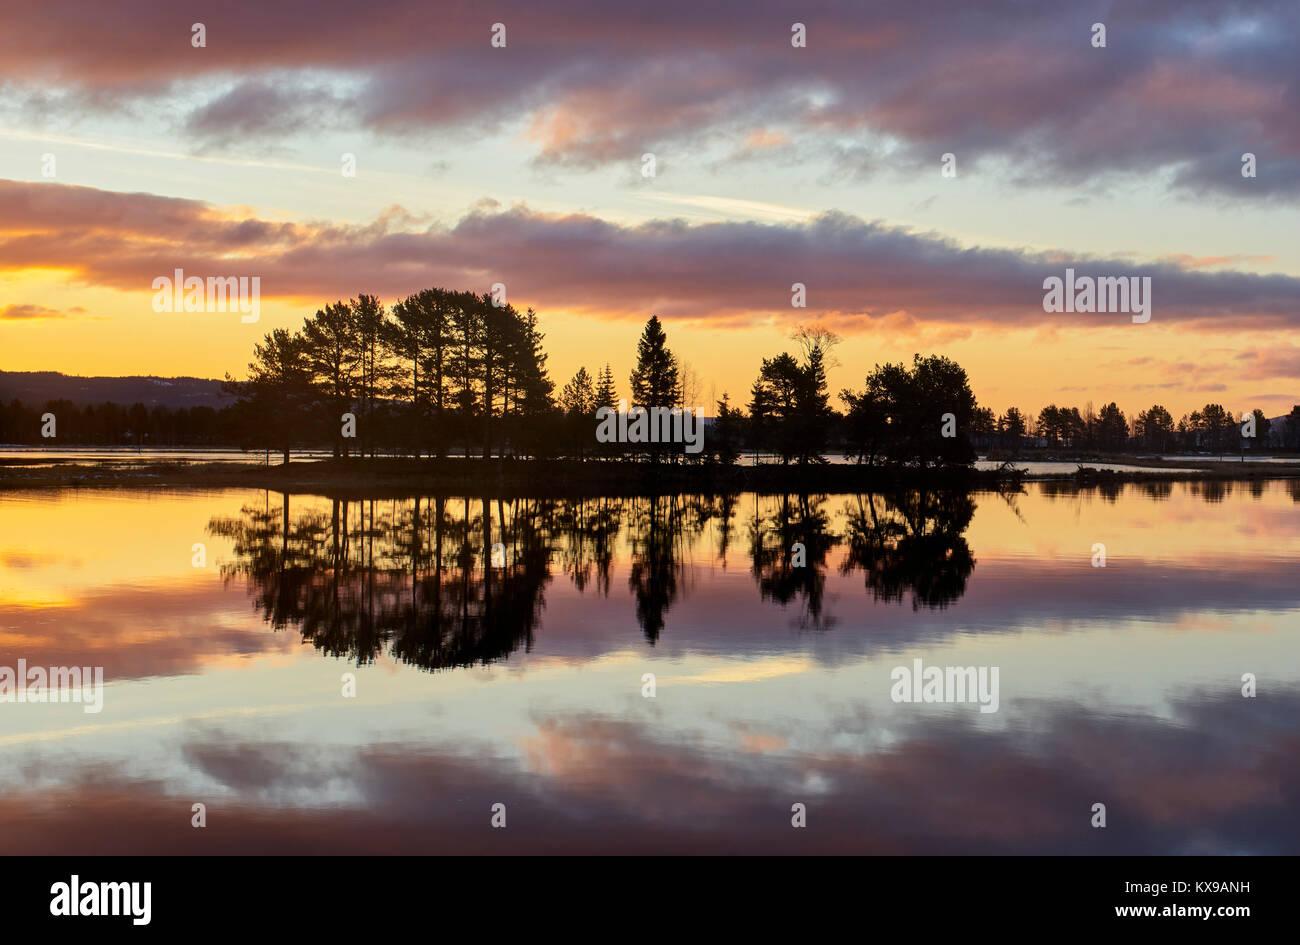 Sunrise over Osensjoen da Sandvik, Hedmark, Norvegia. Immagine a specchio di riflessione Foto Stock